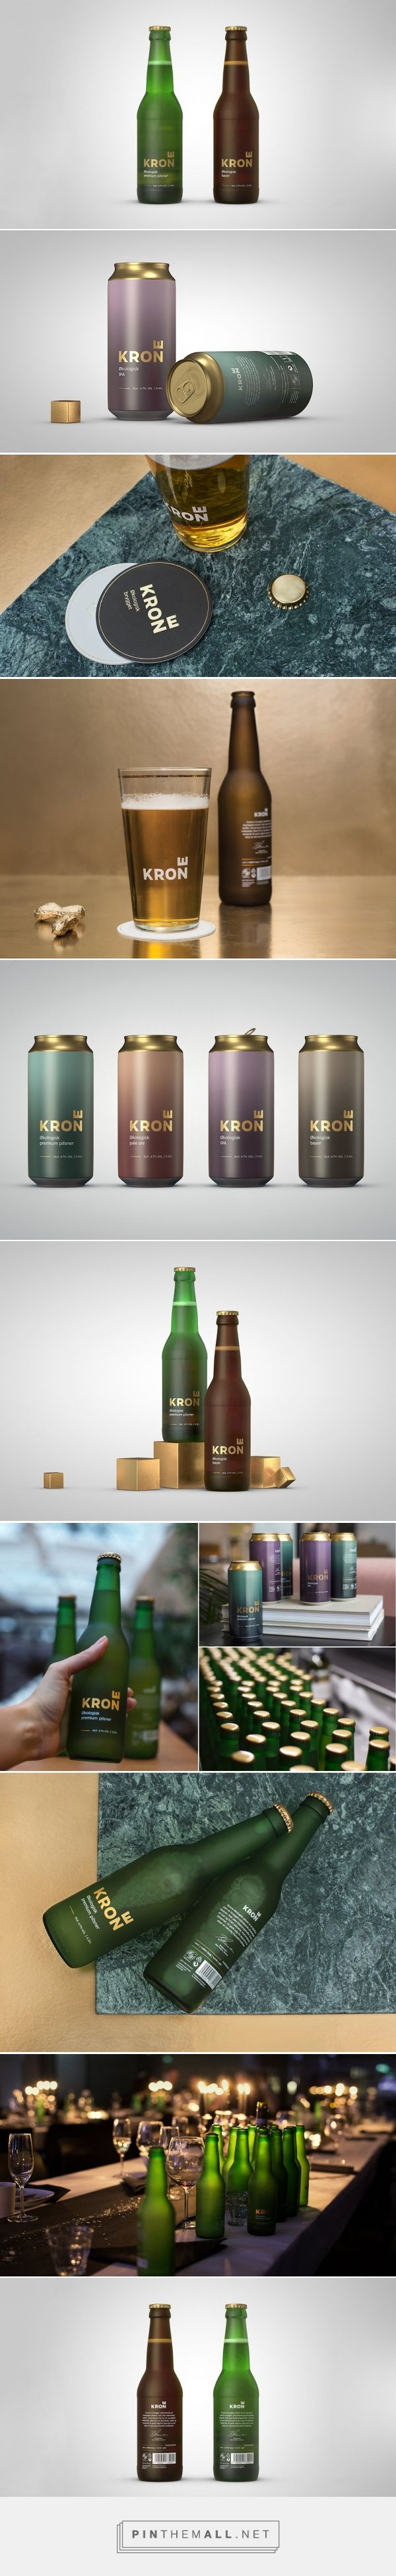 Krone Beer branding and packaging by Creuna